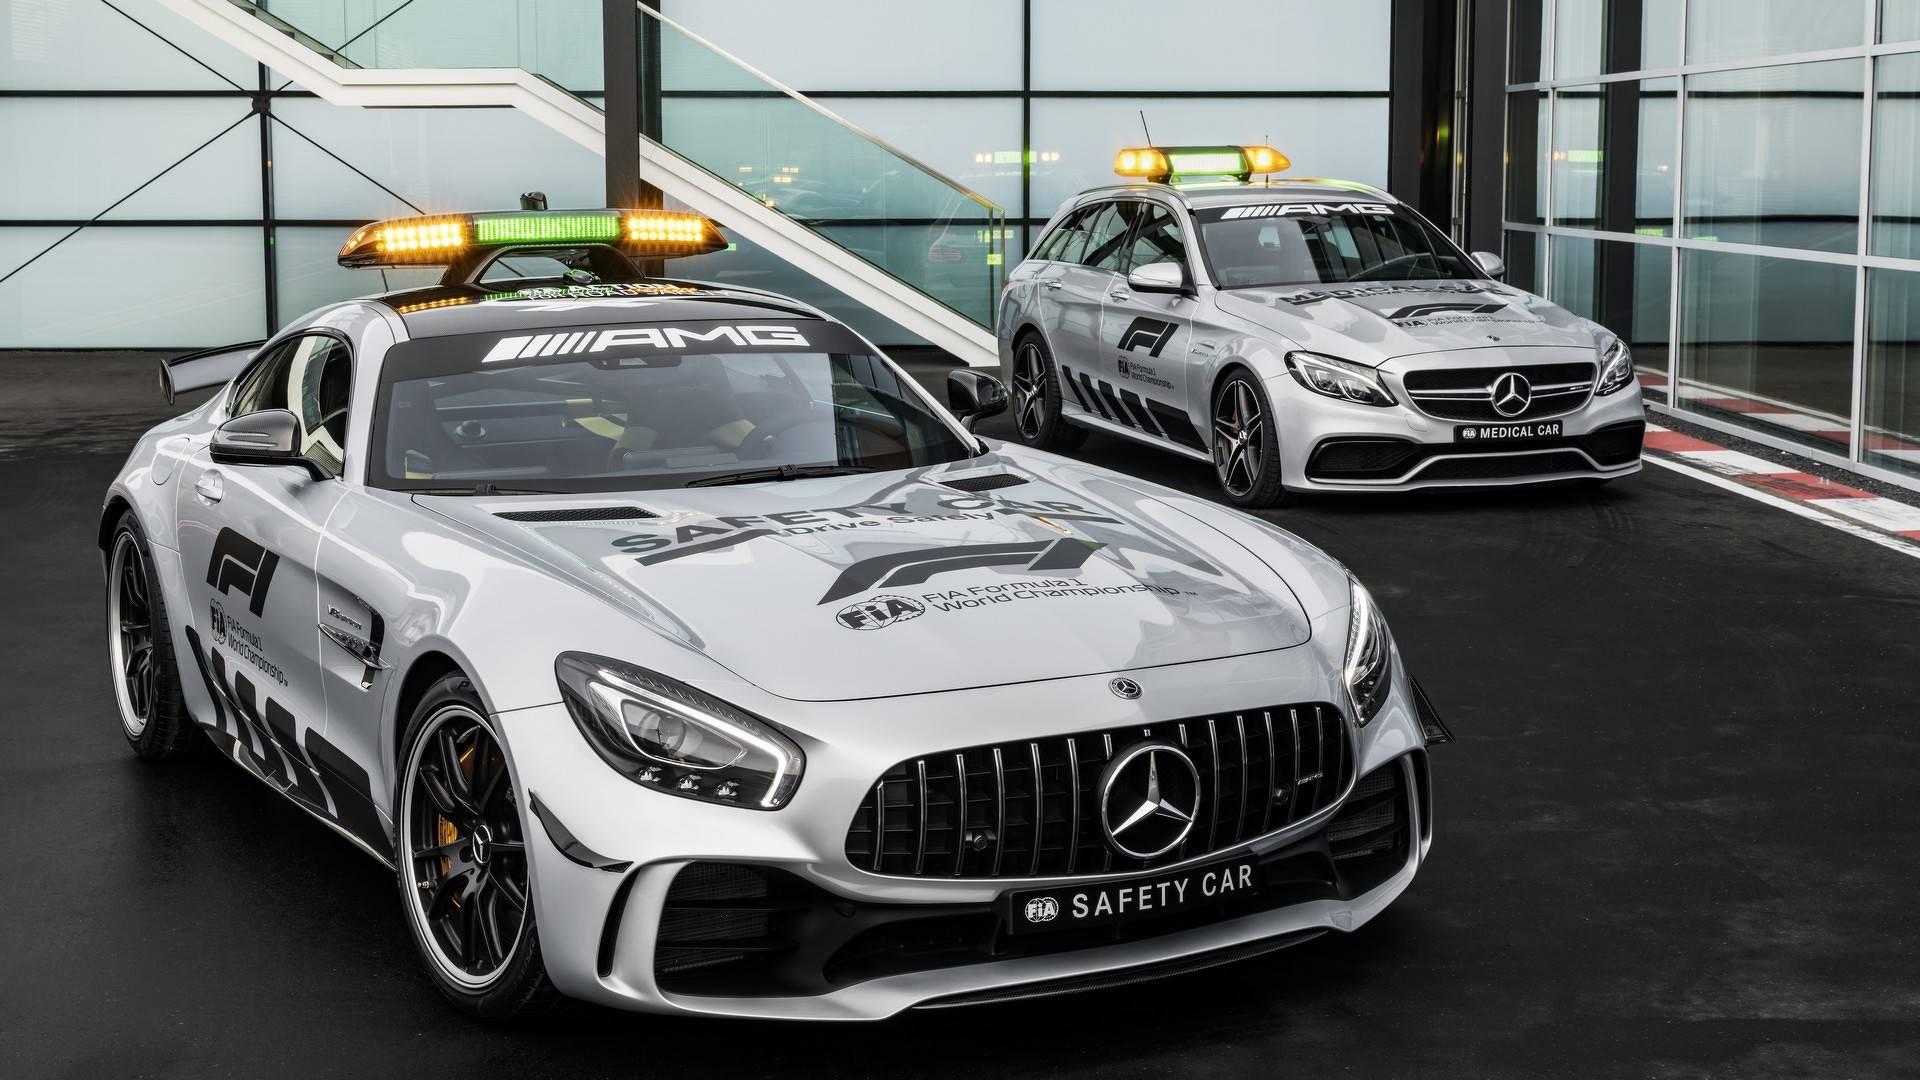 f1 safety car игра Mercedes-Benz Mercedes полиция анонимно